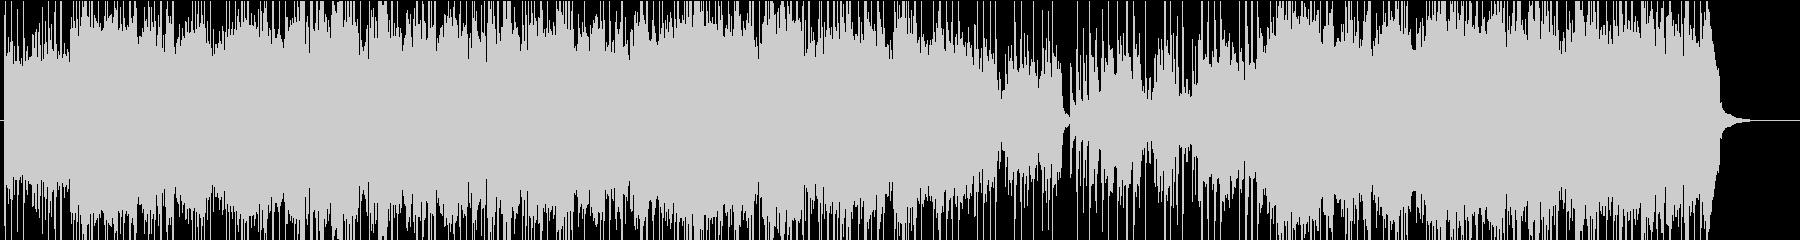 ムーンライト・セレナーデの和風アレンジの未再生の波形